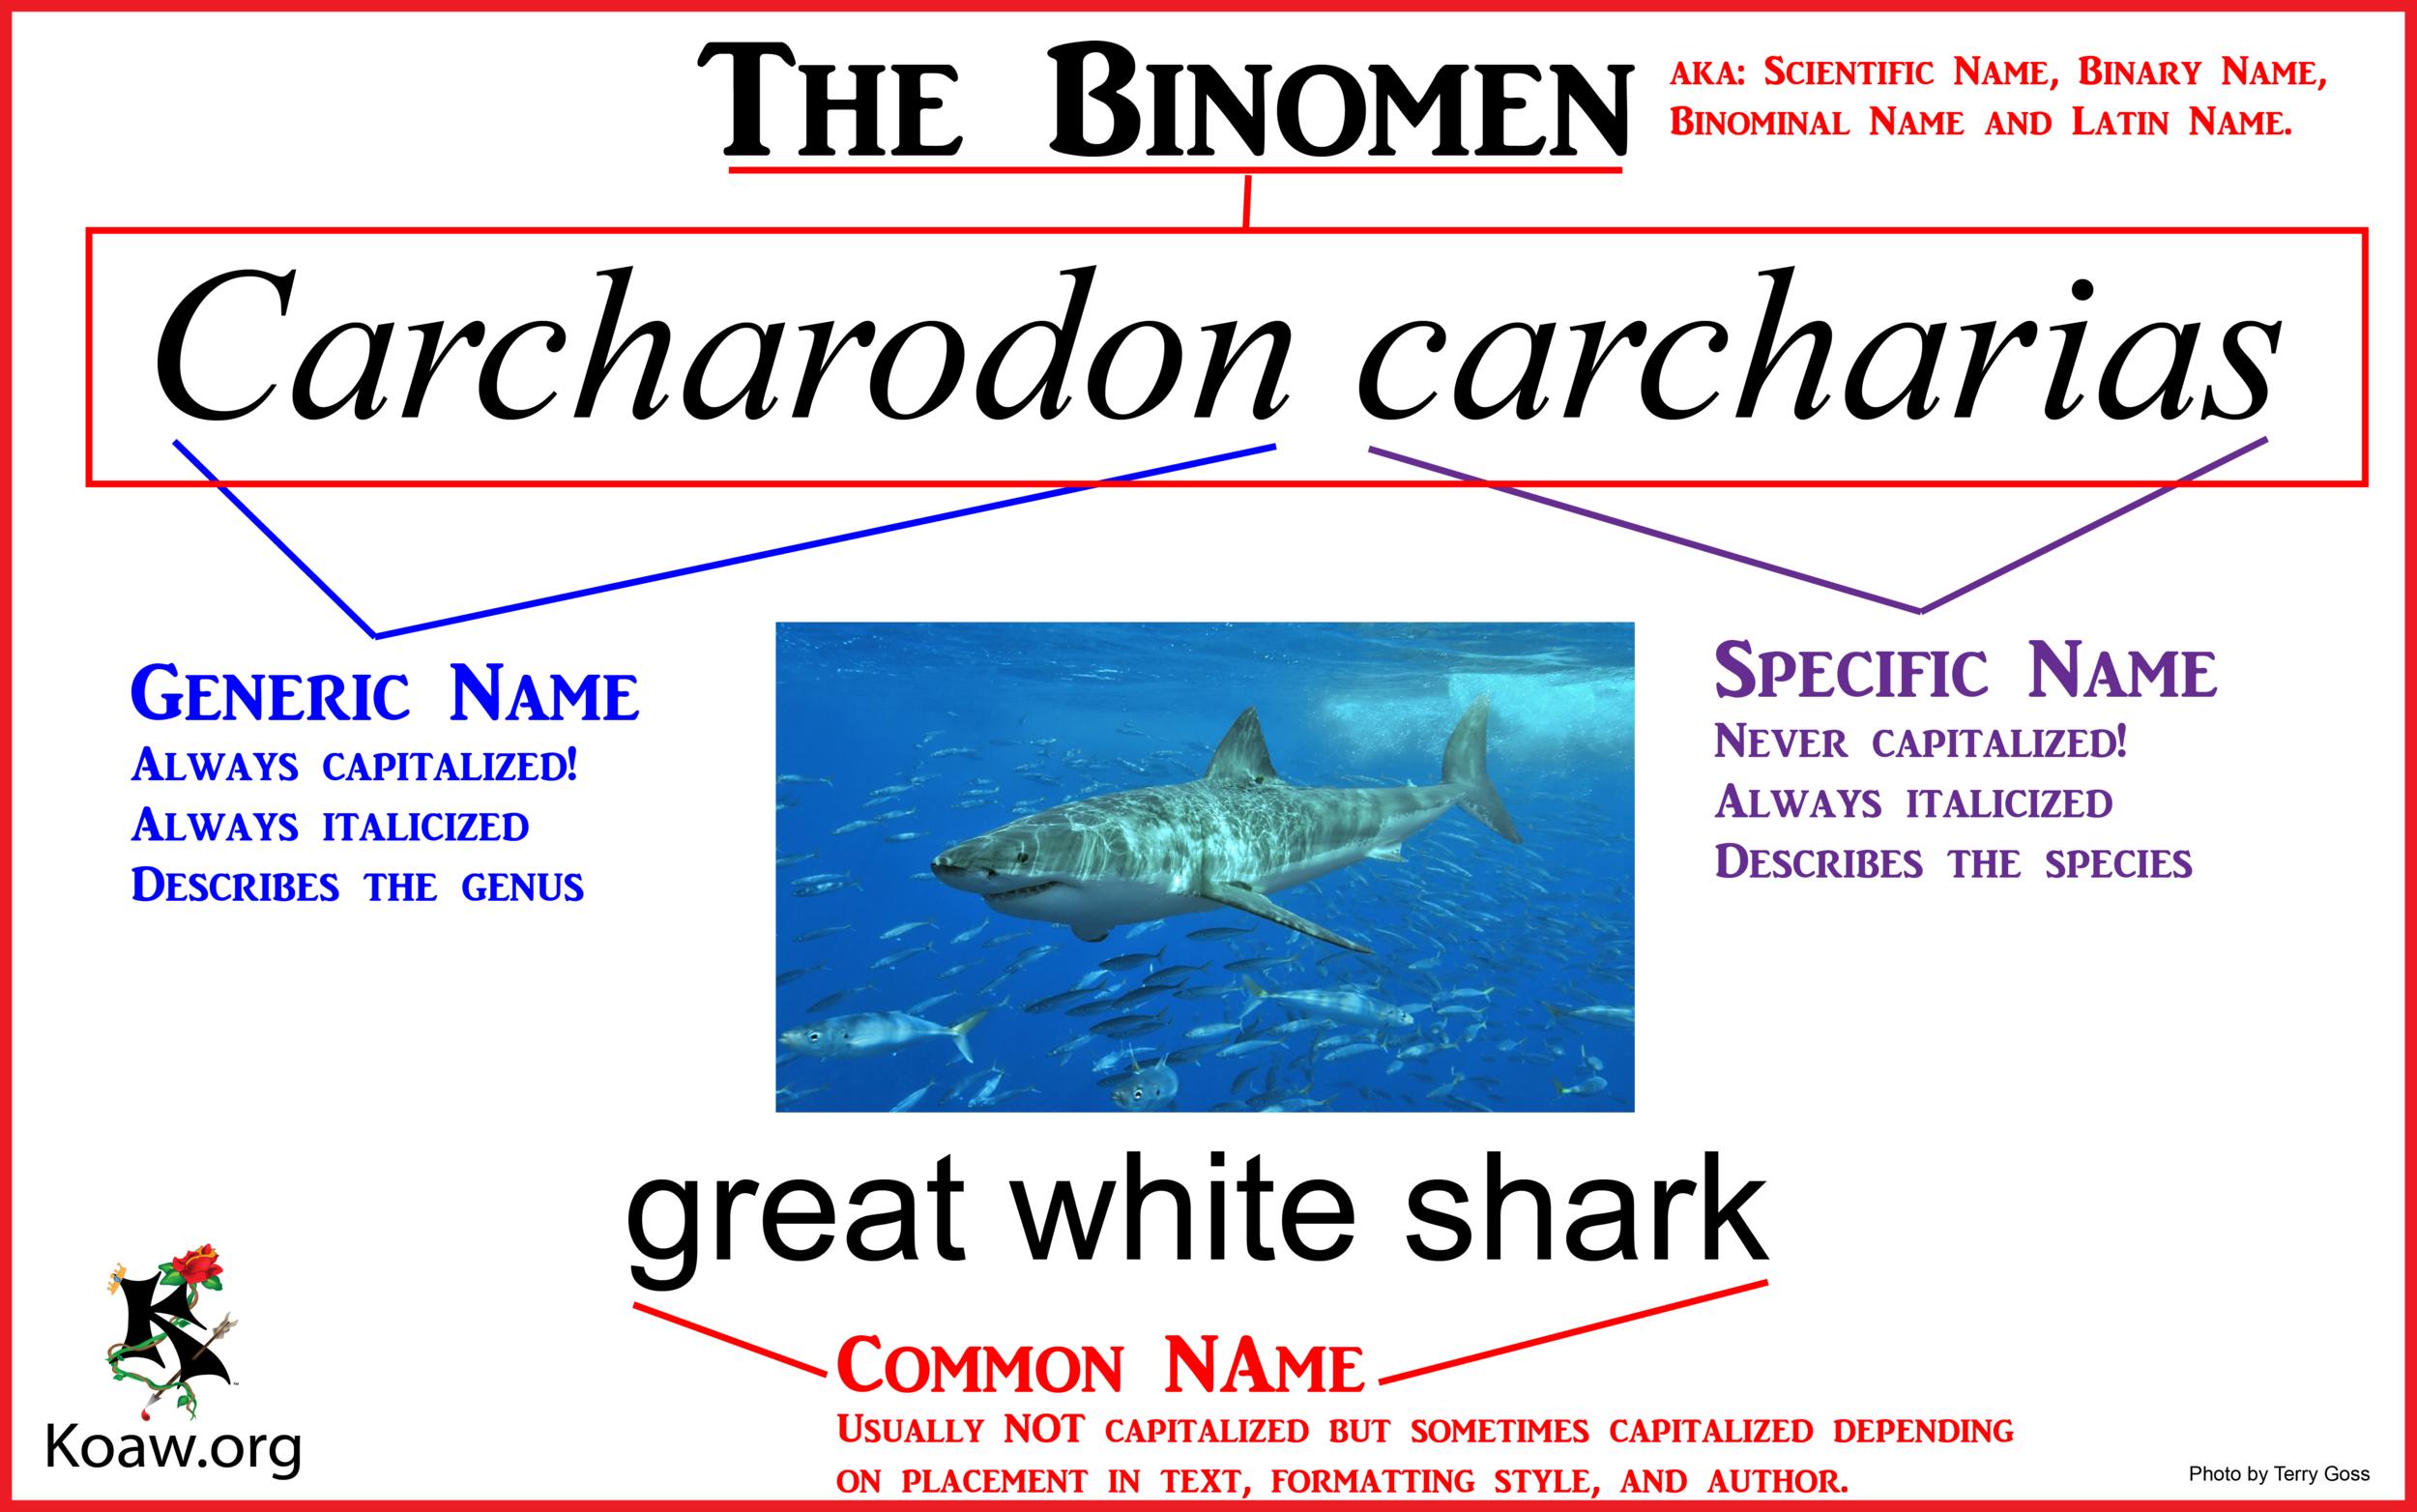 The Binomen Whitebg.png